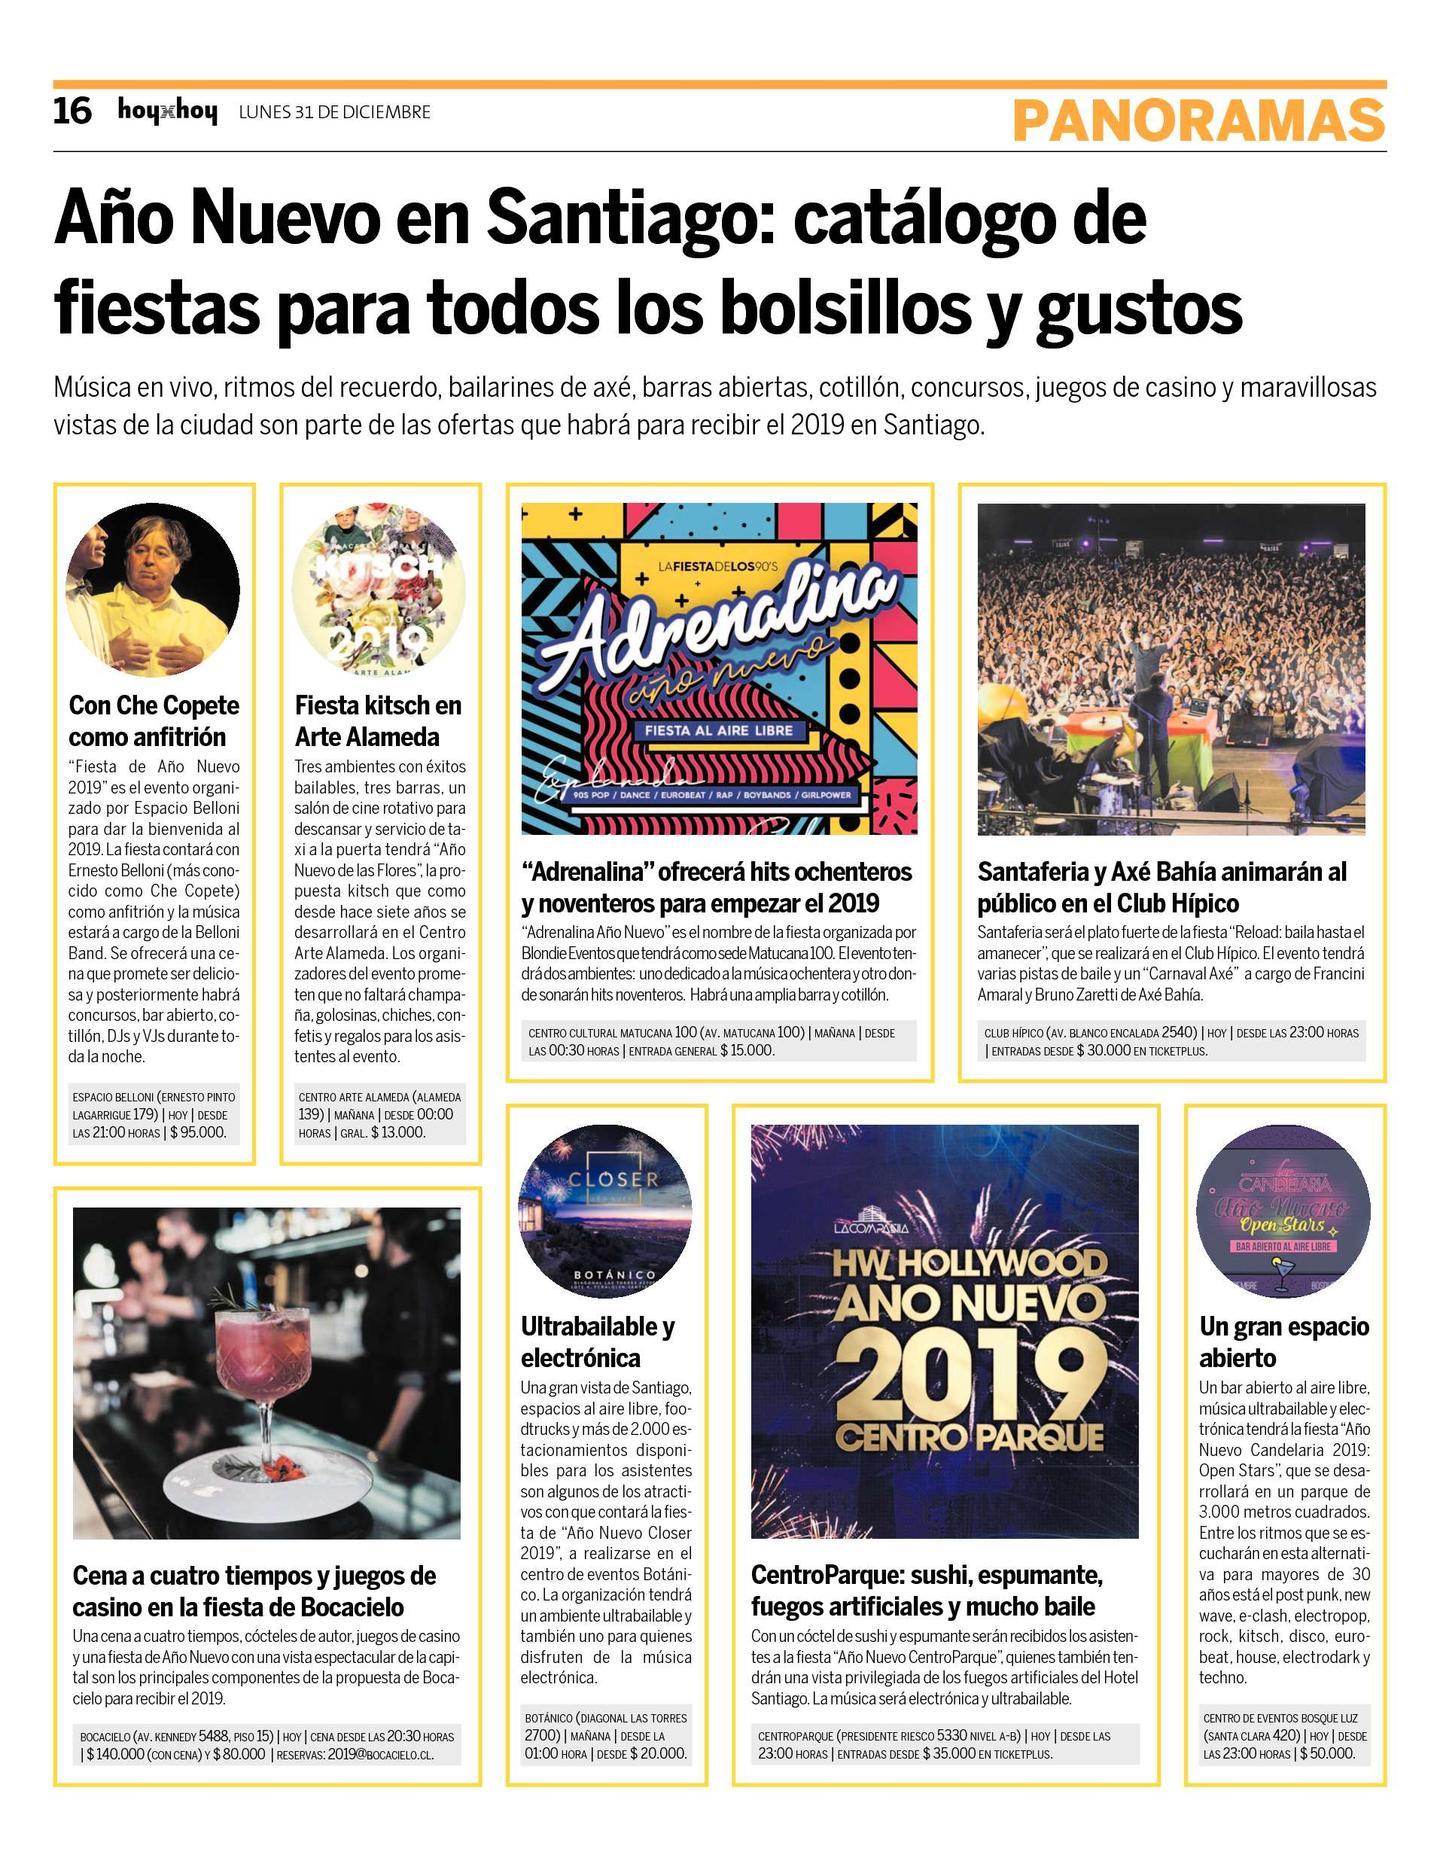 Pagina 16 Hoyxhoy Cl Hoyxhoy El Diario Que No Tiene Precio